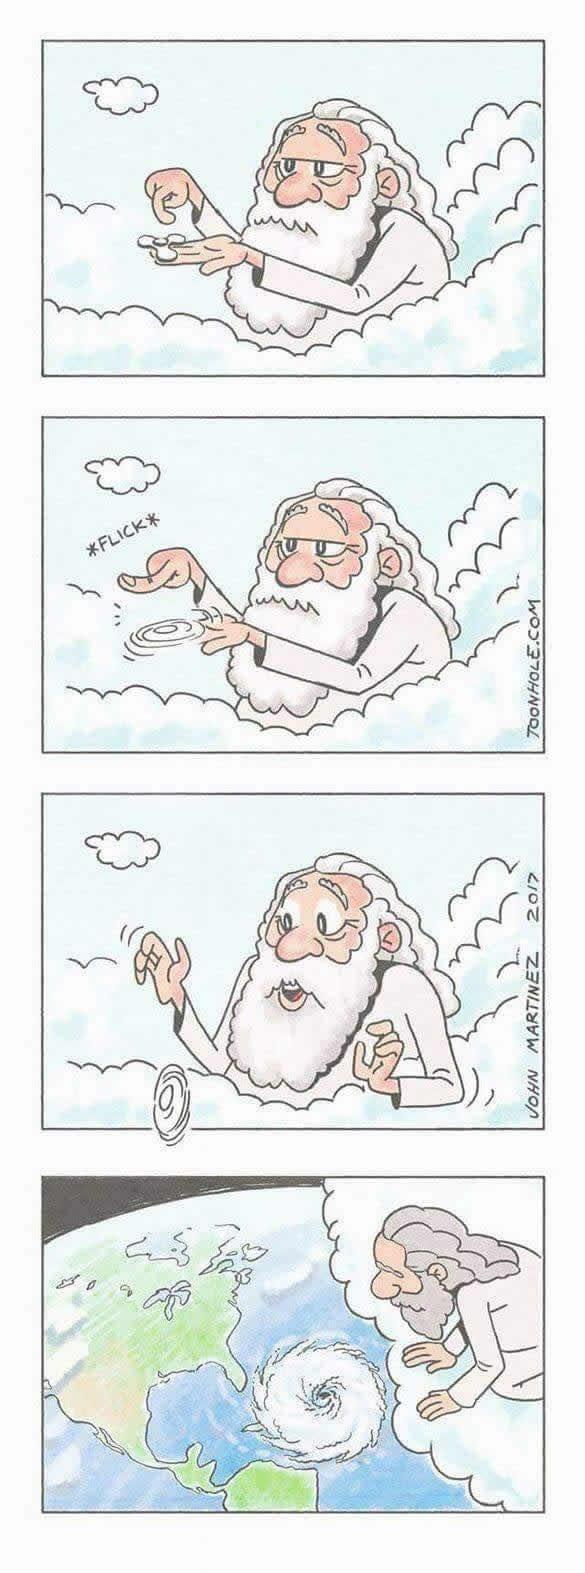 dios cuando crea tornados vineta de toonhole